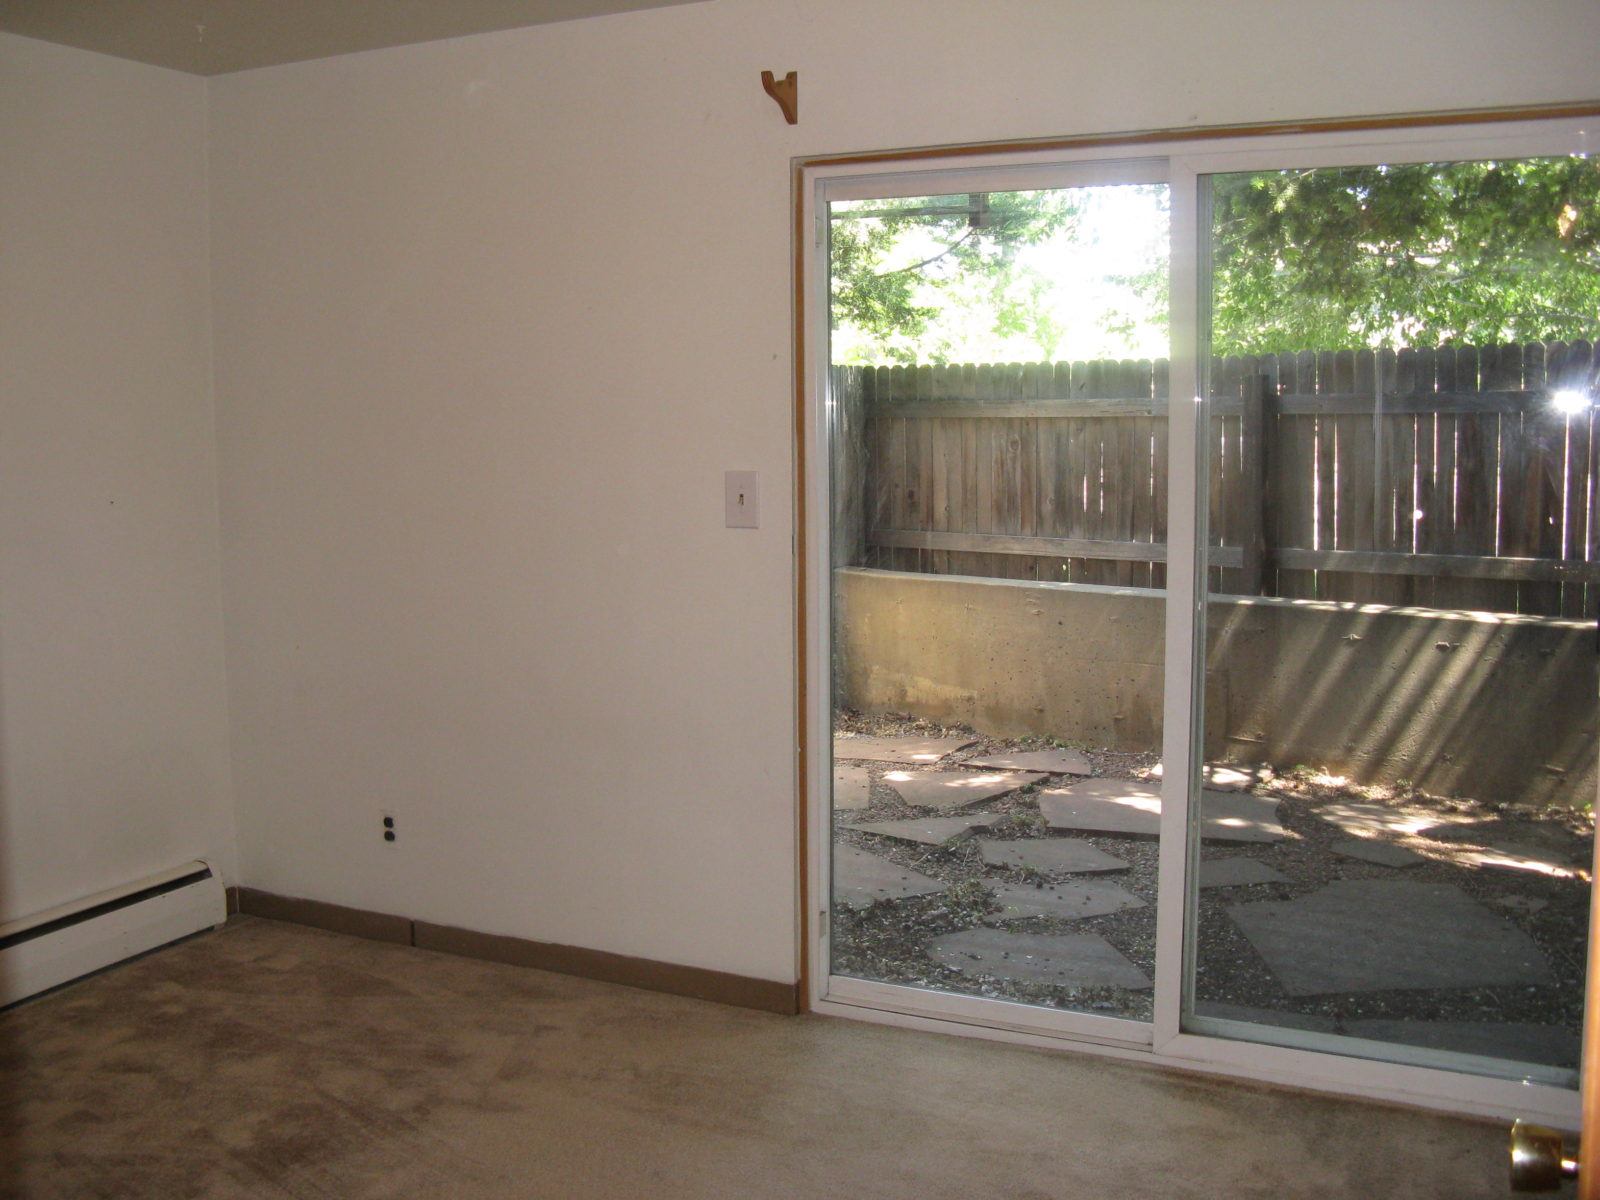 694 Bedroom 1